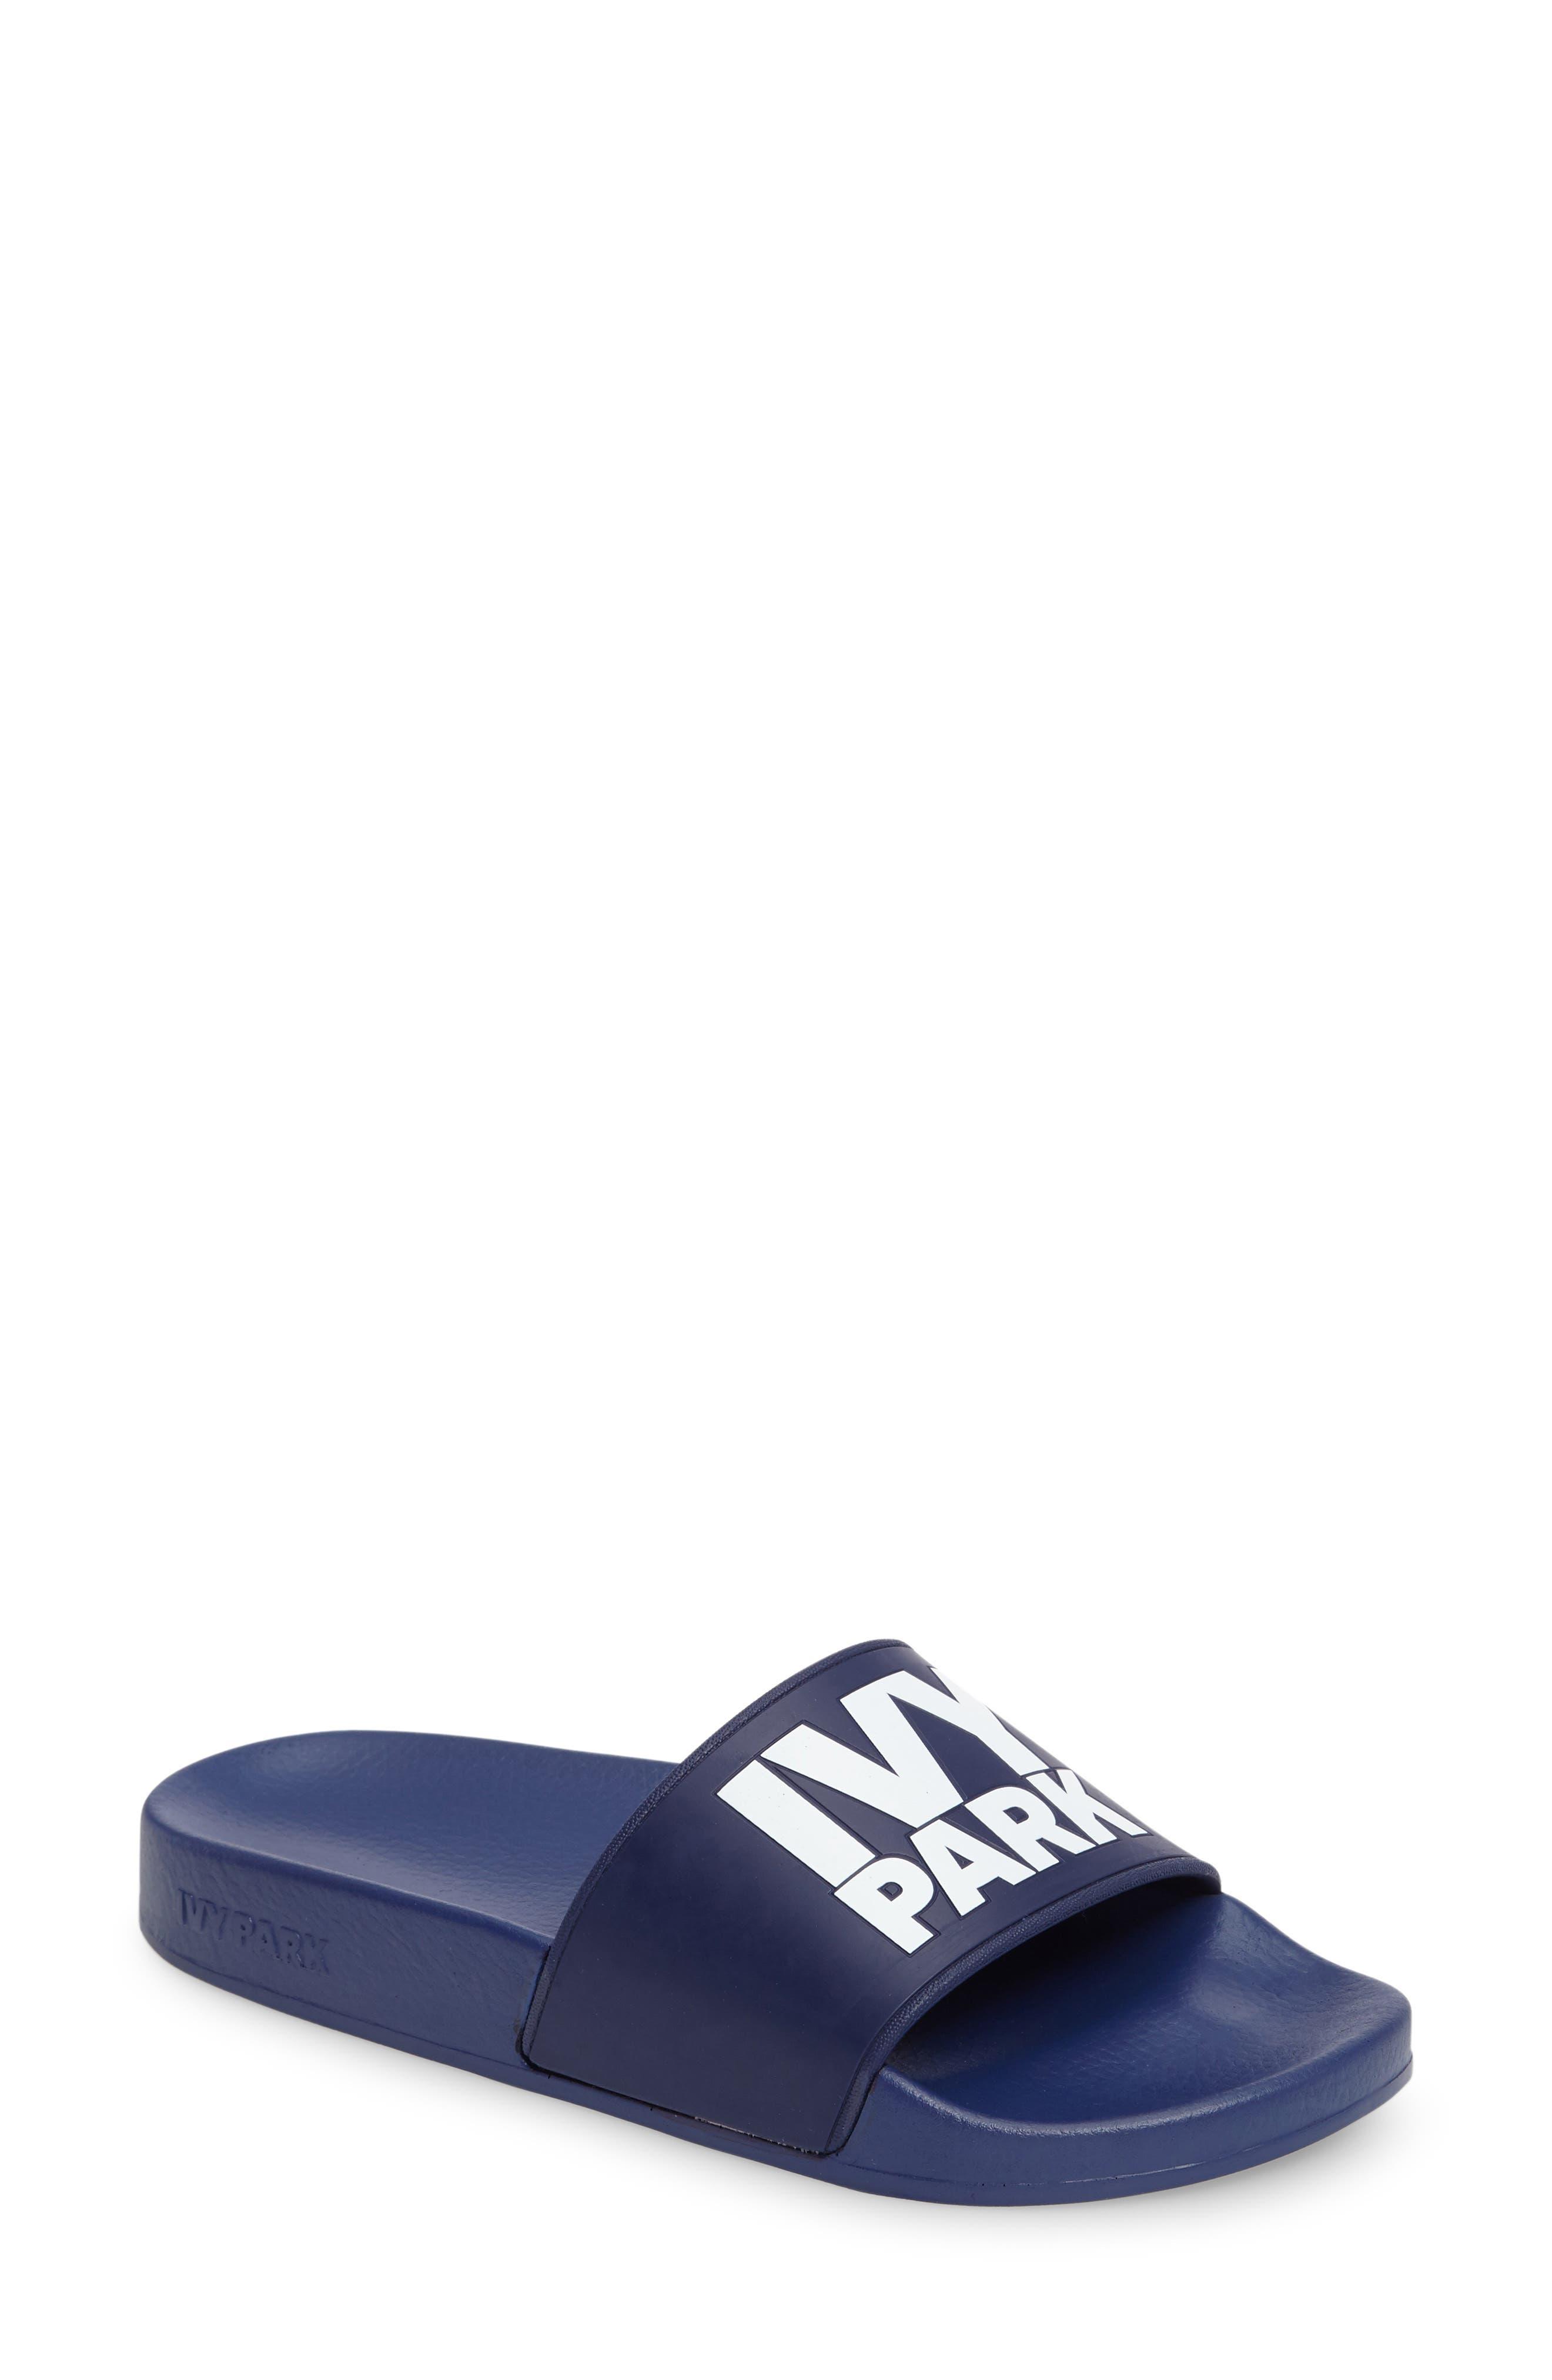 Main Image - IVY PARK® Logo Slide Sandal (Women)